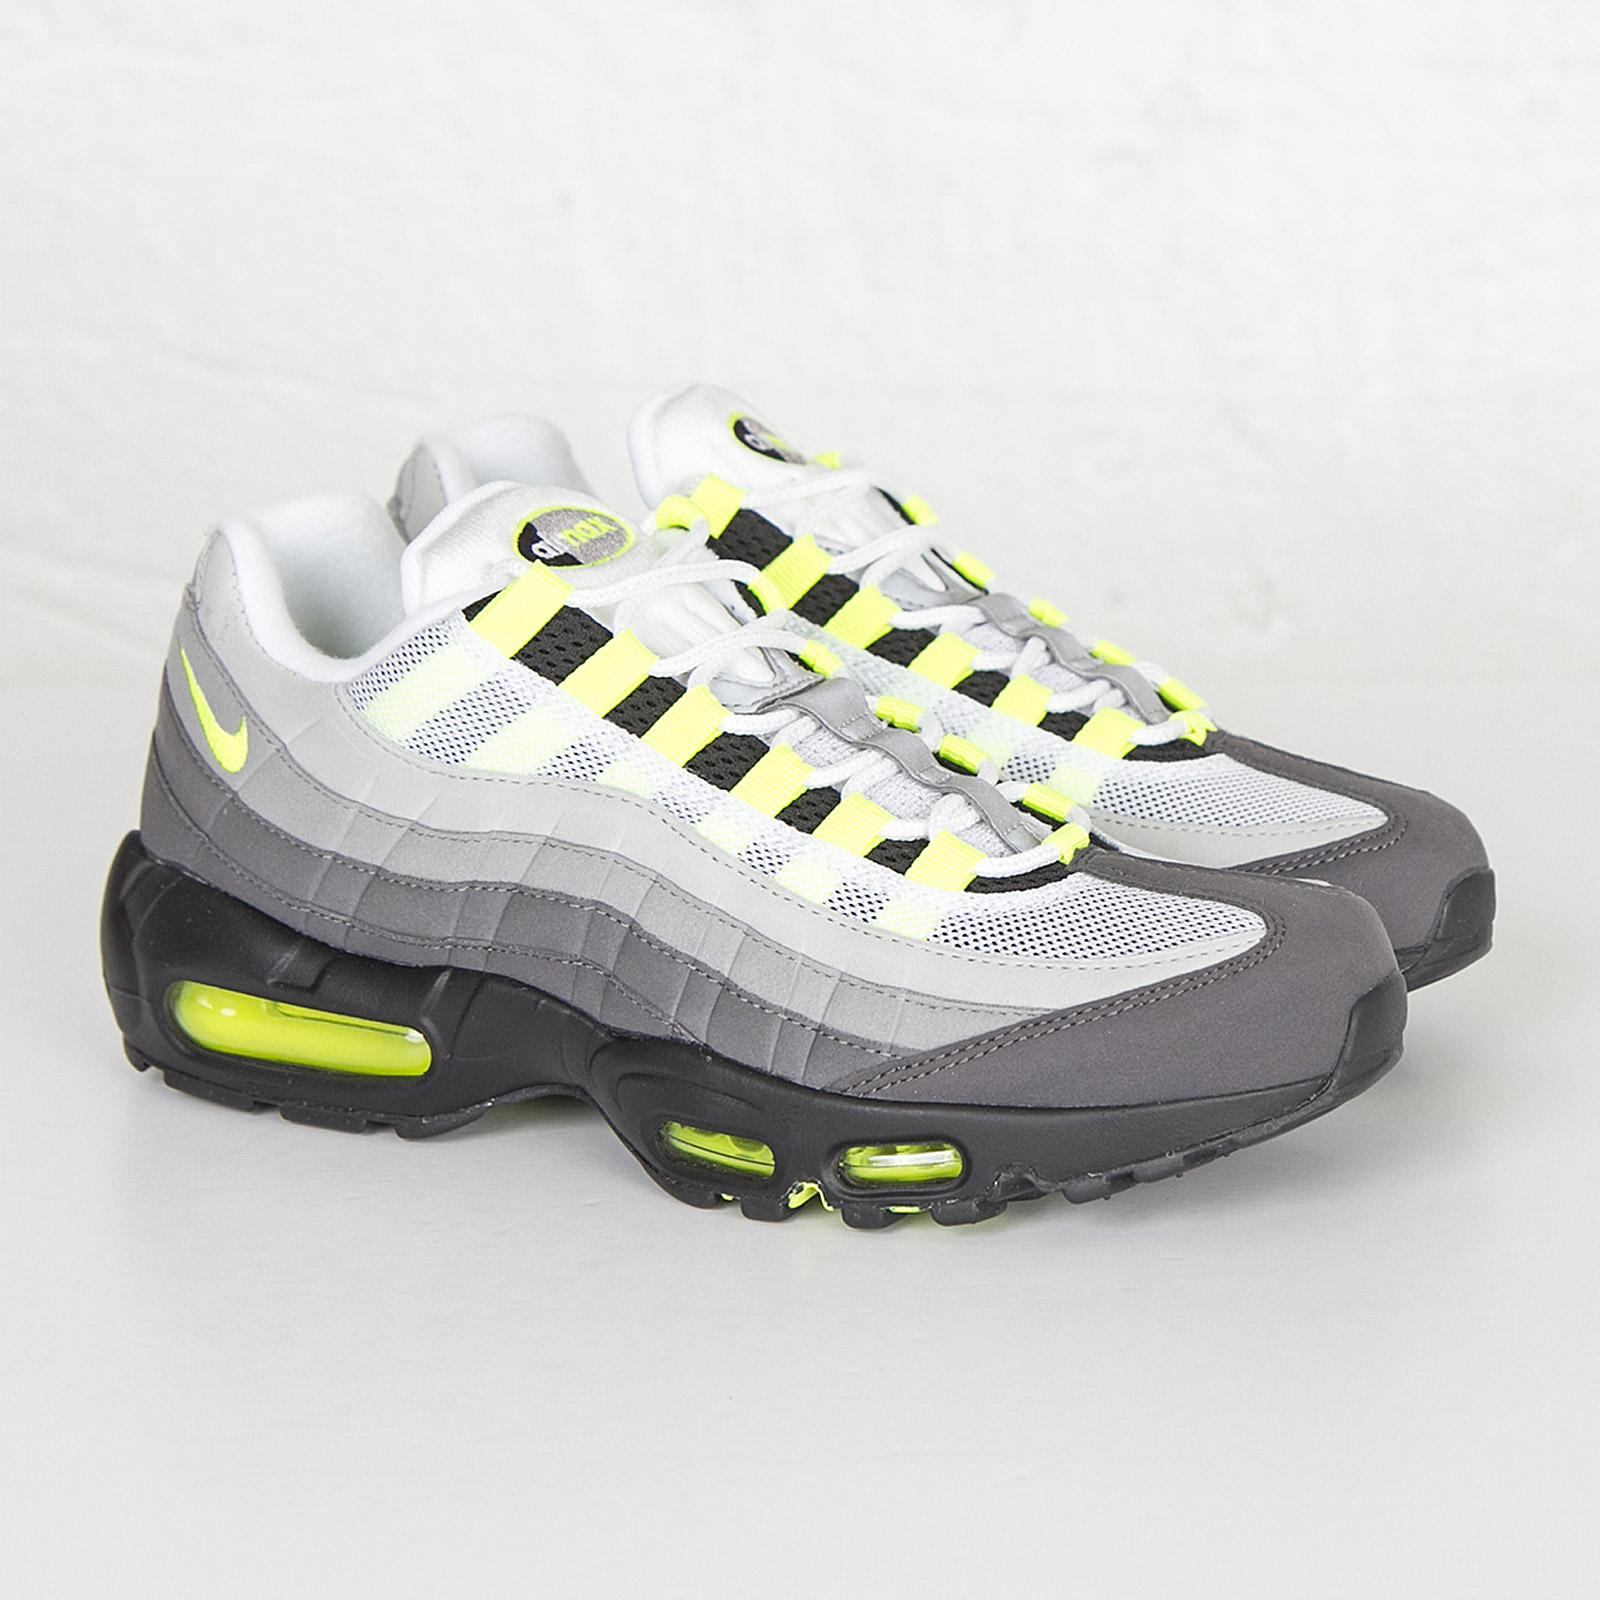 size 40 76fcf 061ba Nike Air Max 95 OG